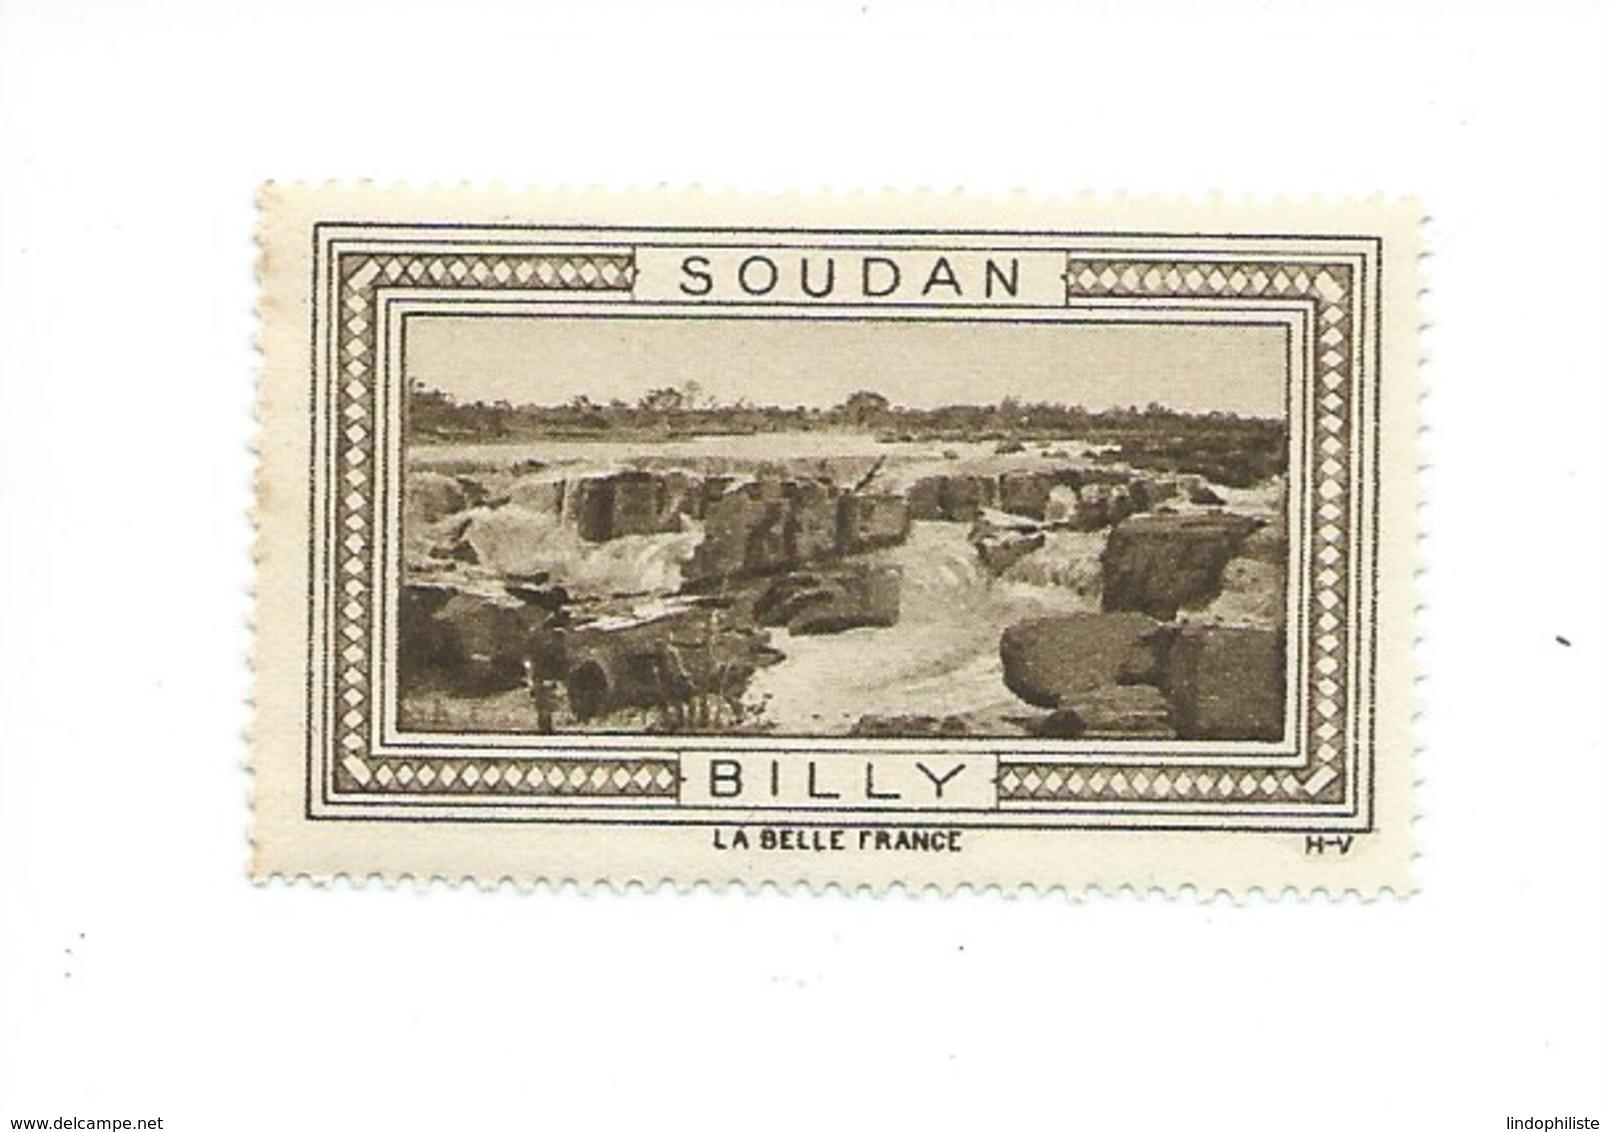 Soudan AOF BILLY Vignette Belle France TB ** Colonies Françaises - Soudan (1954-...)